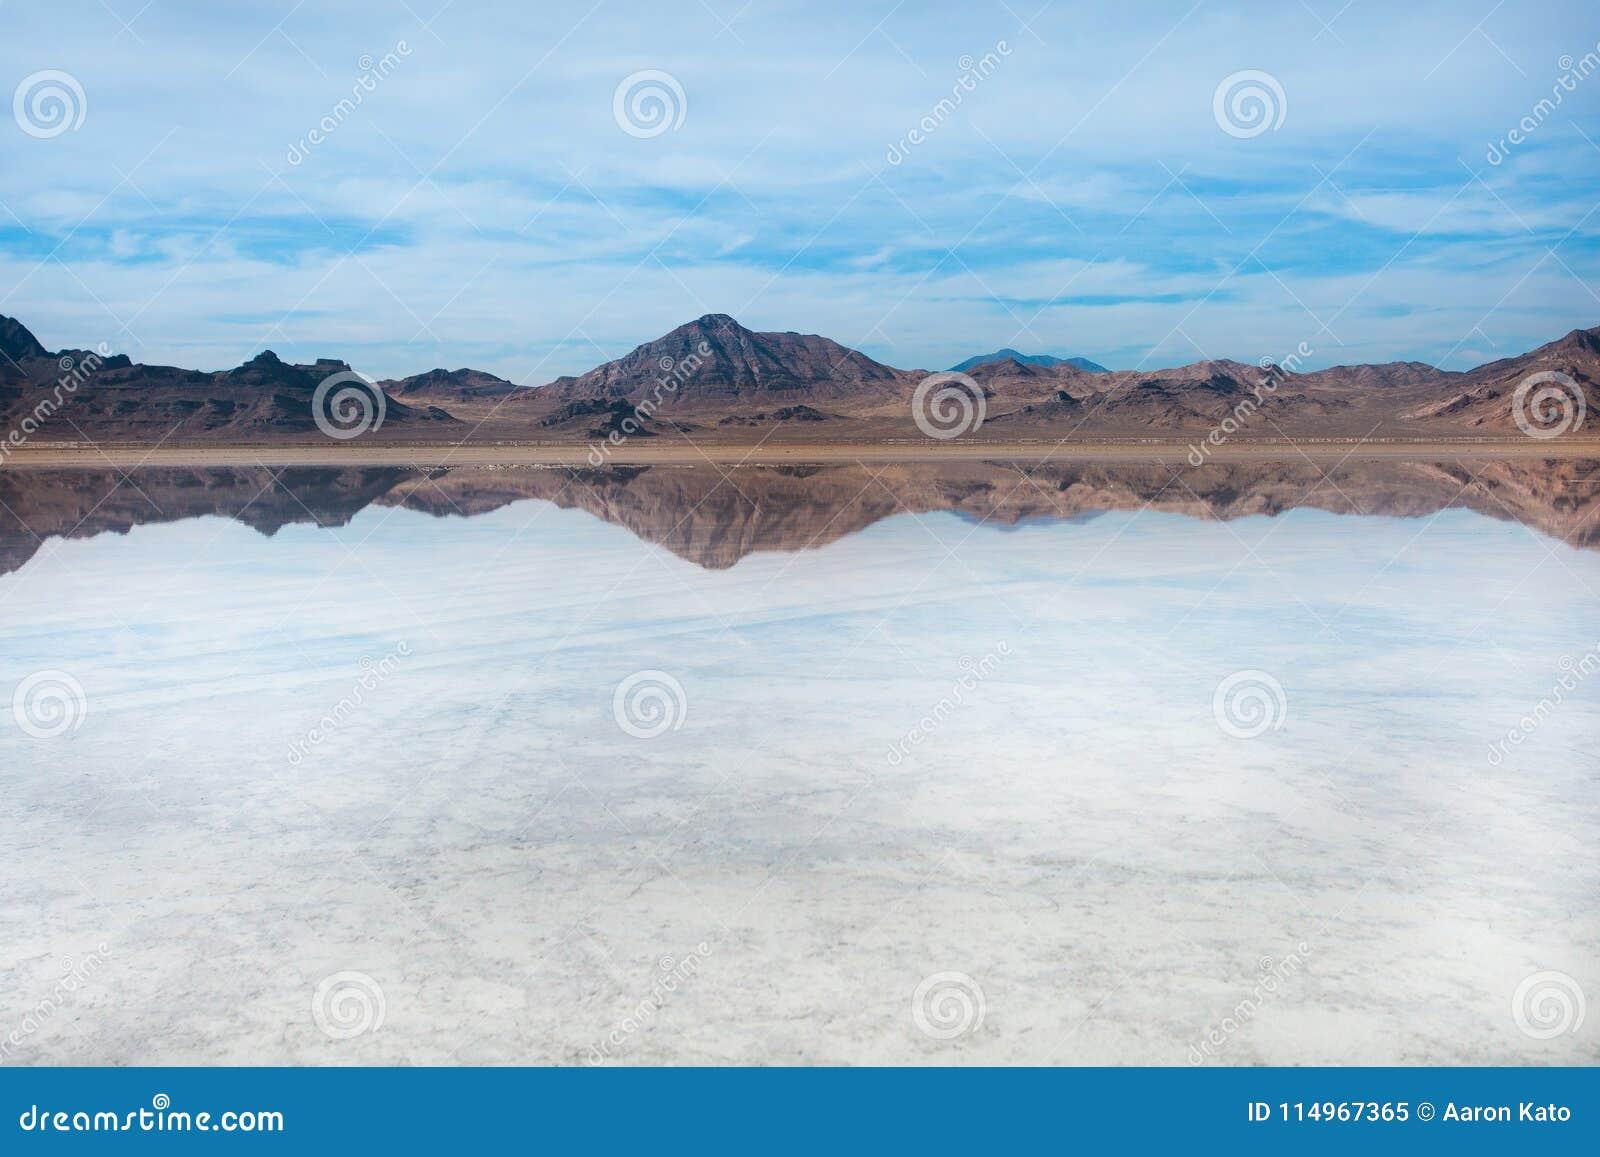 Planos de sal de Bonneville, Tooele County, Utá, Estados Unidos